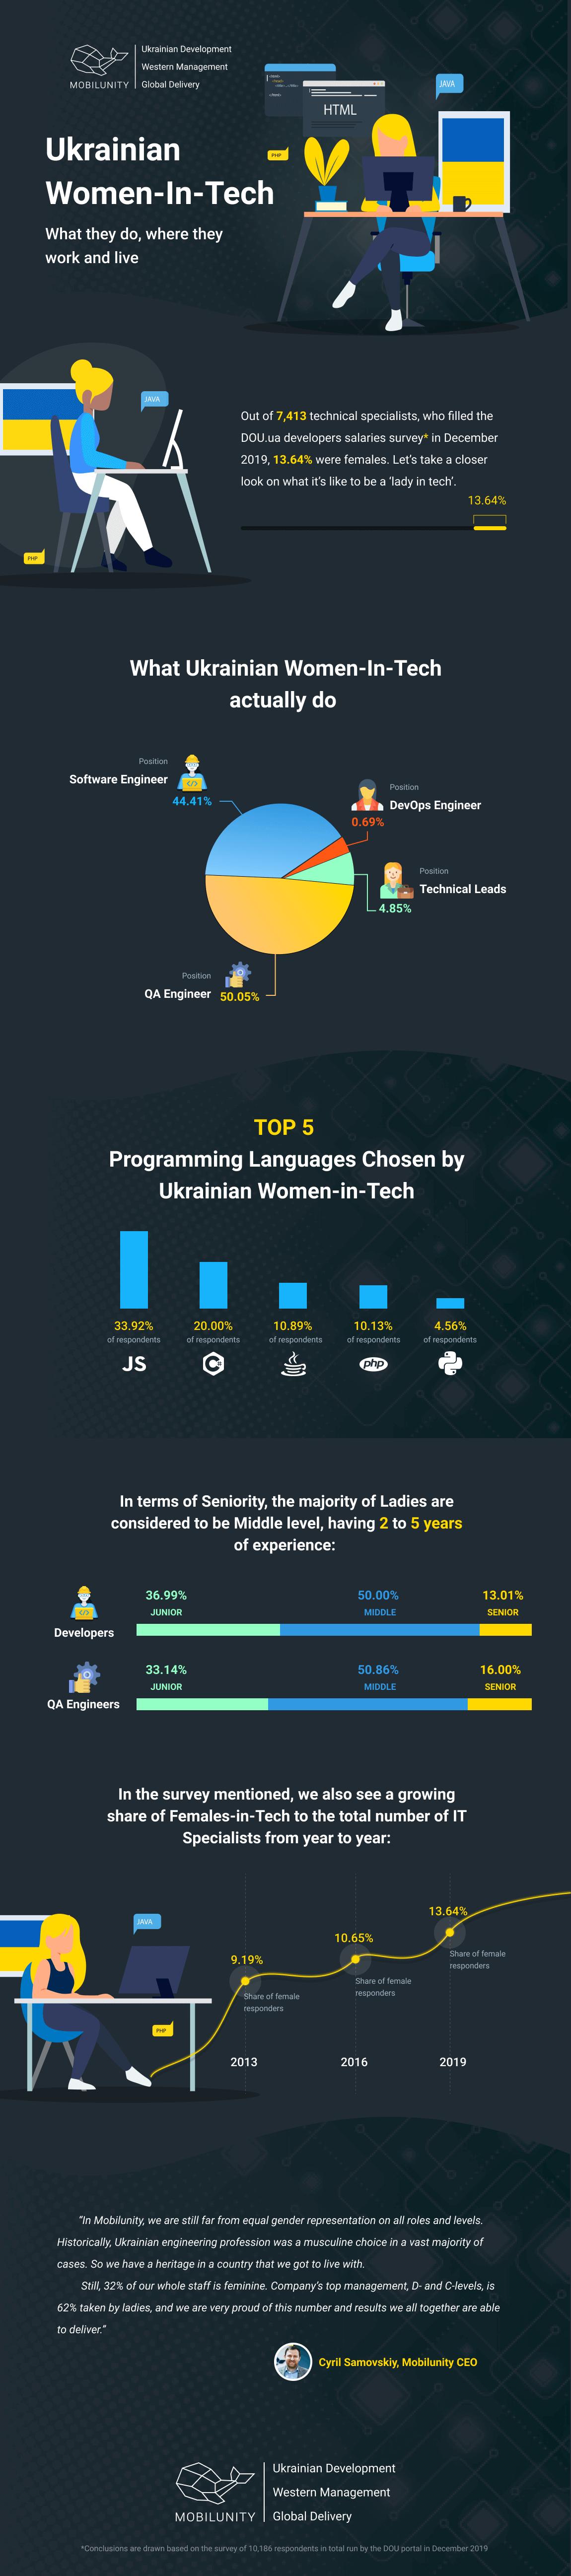 Ukrainian Women In Tech